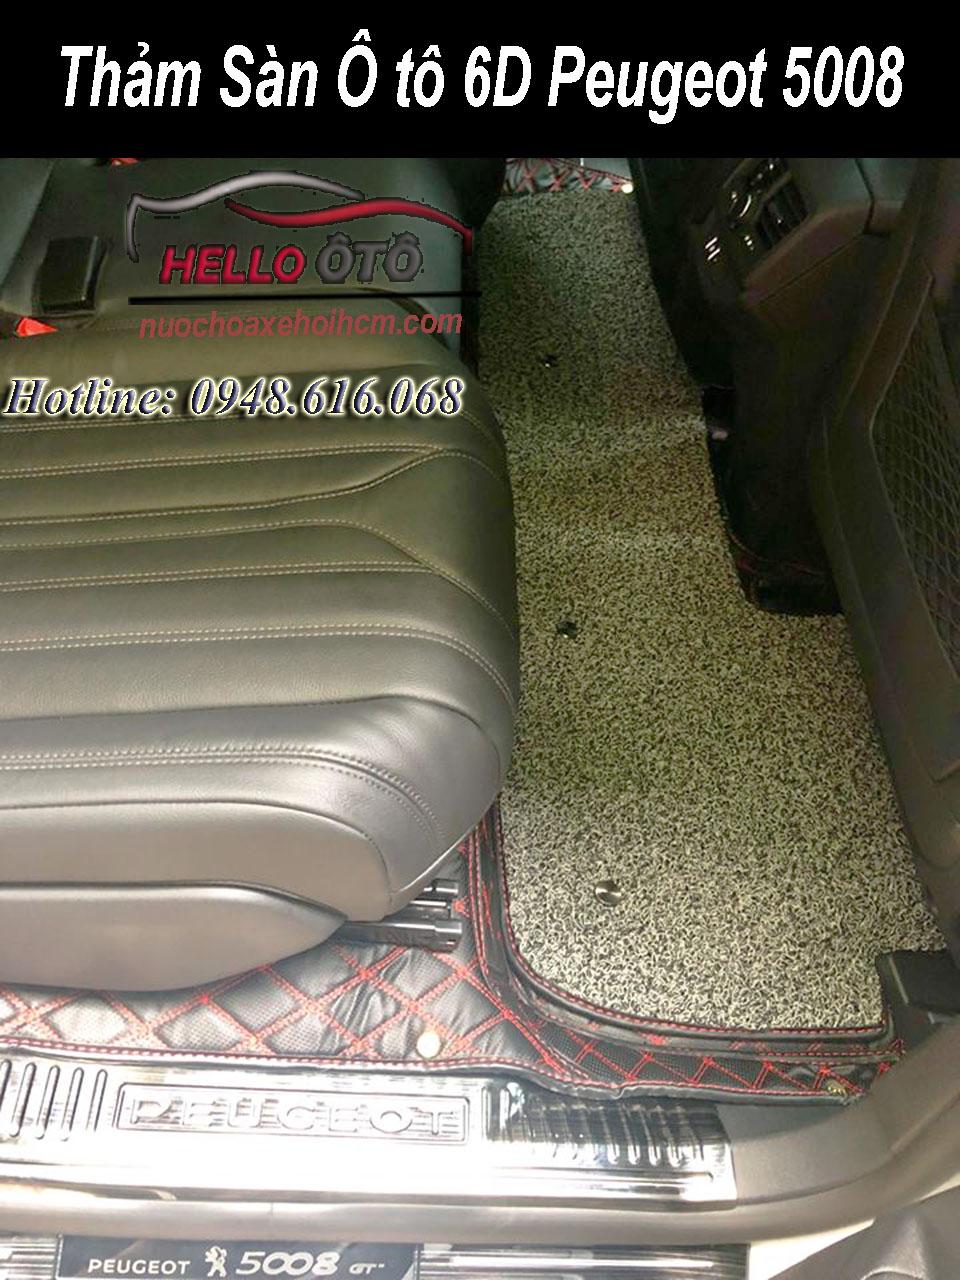 Thảm lót sàn ô tô 6D Peugeot 5008 Da Cacbon